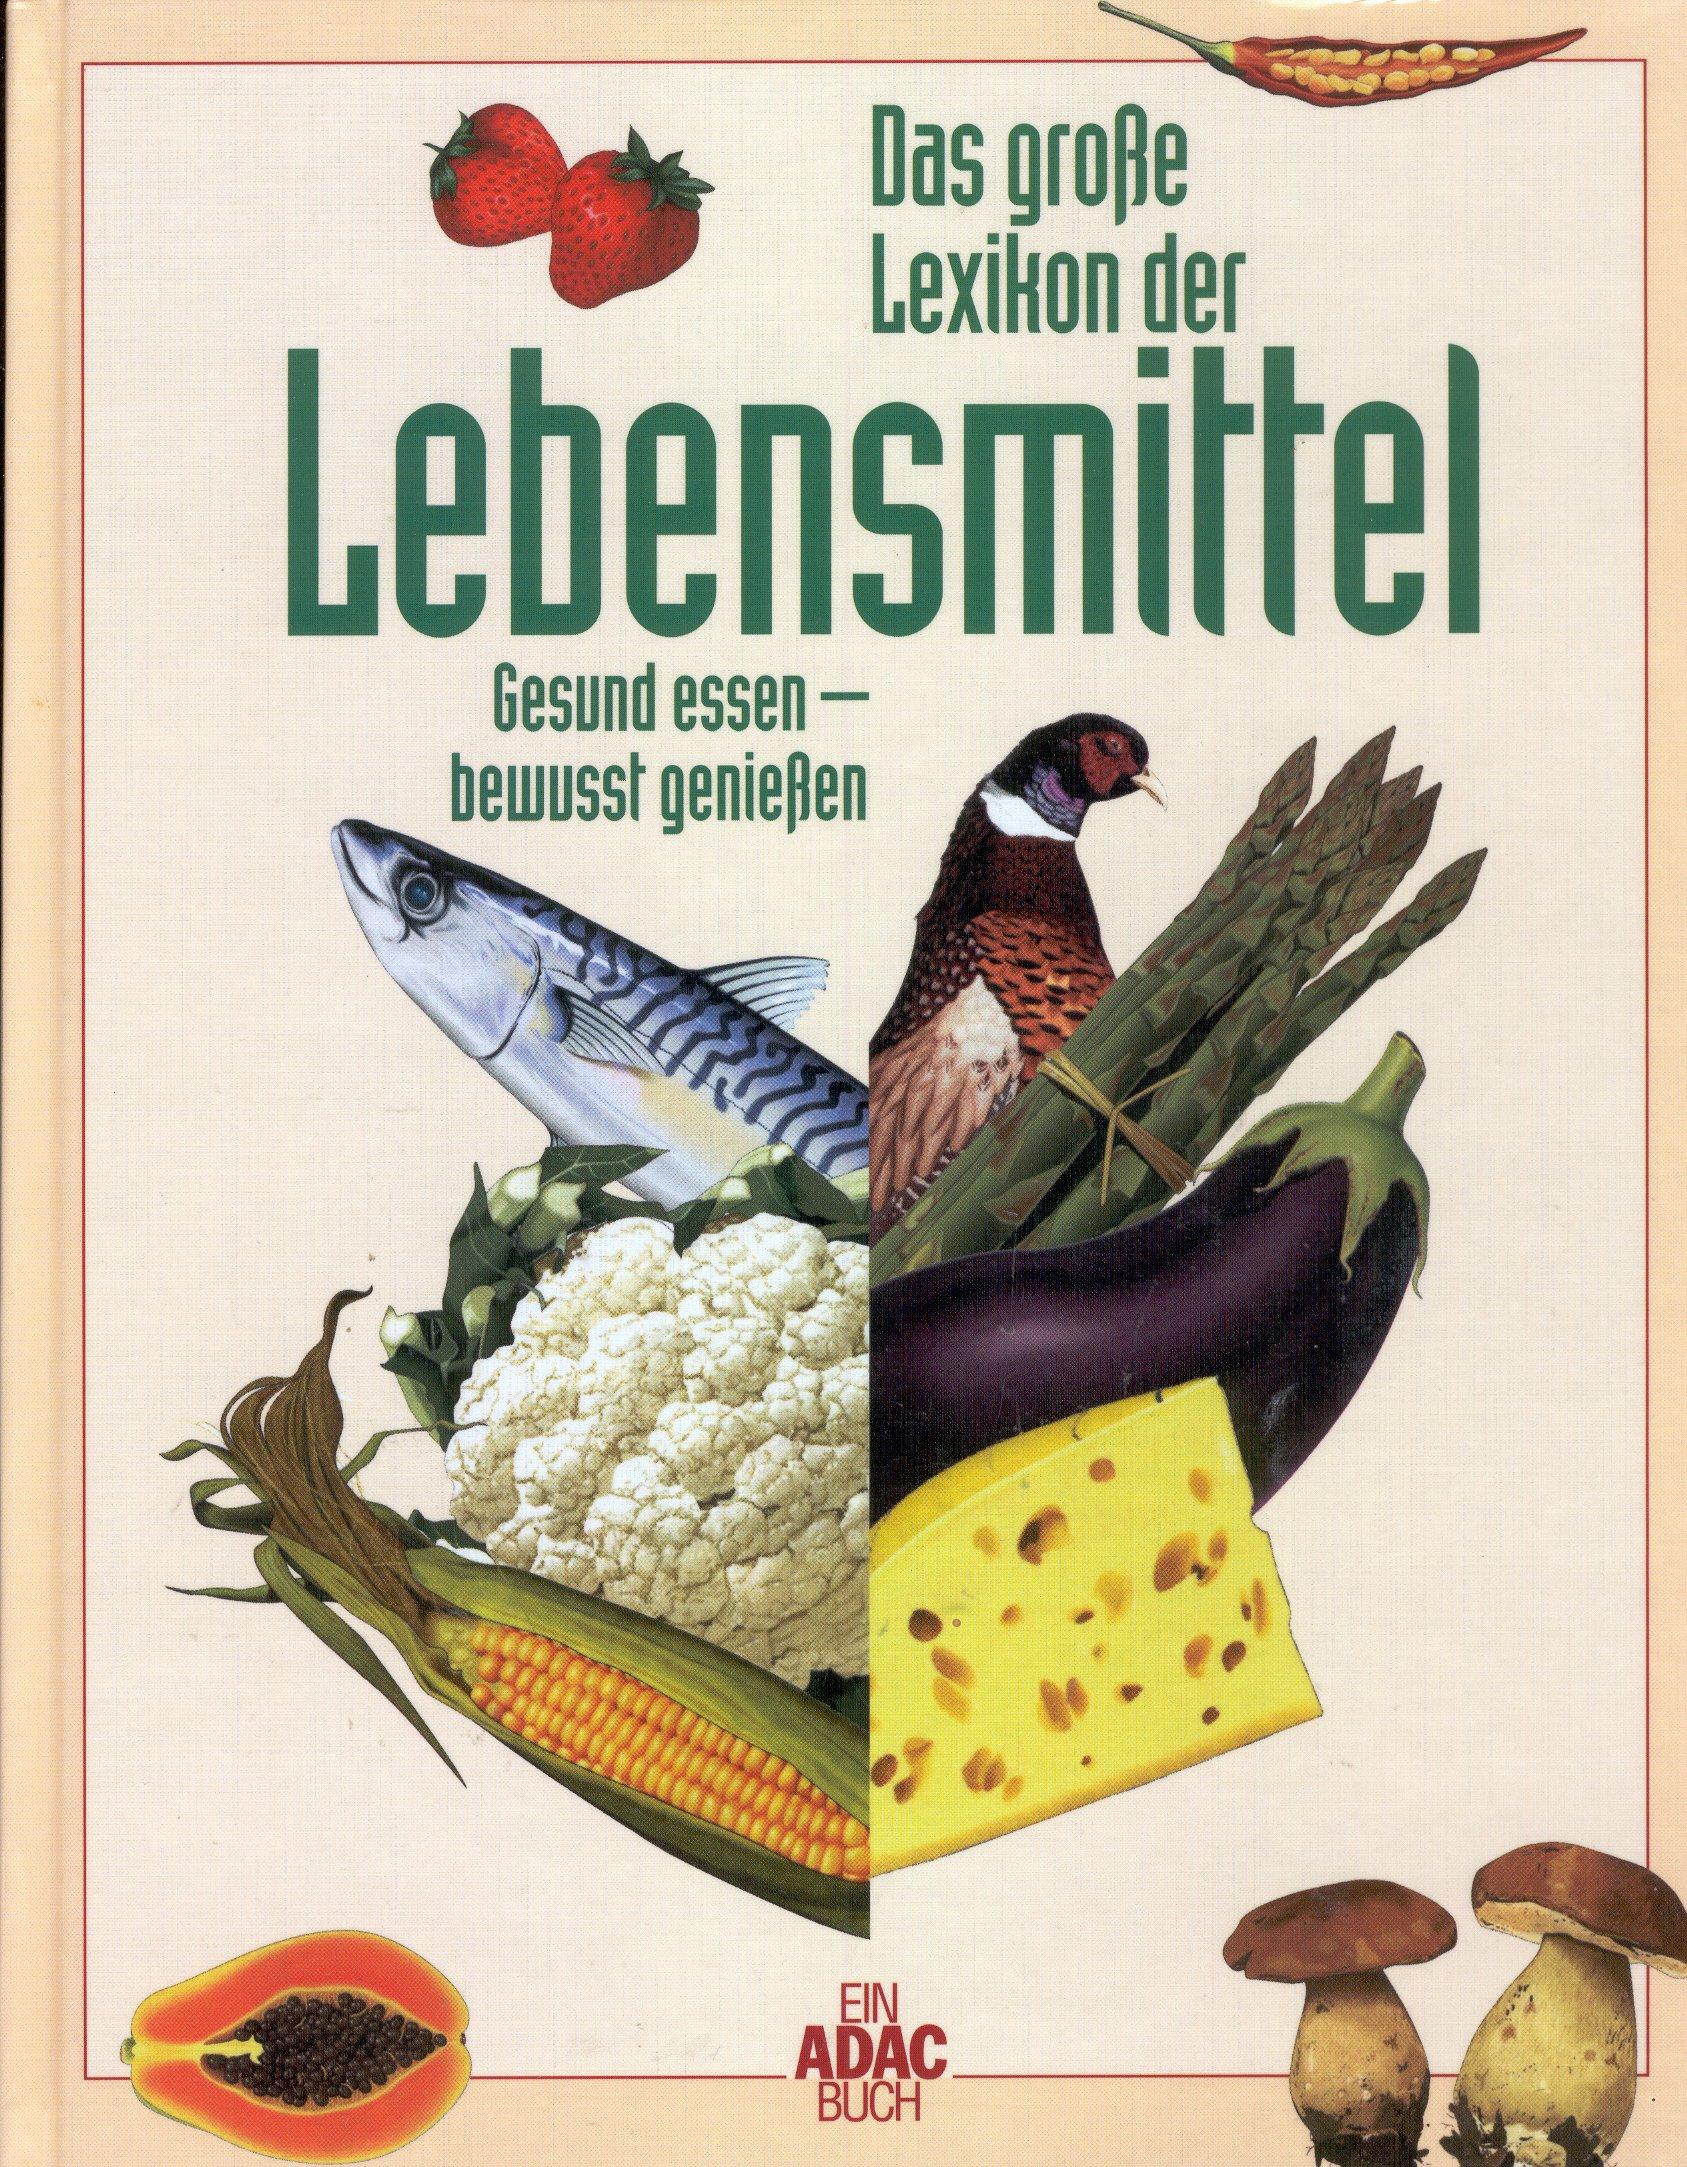 Das grosse Buch der Lebensmittel